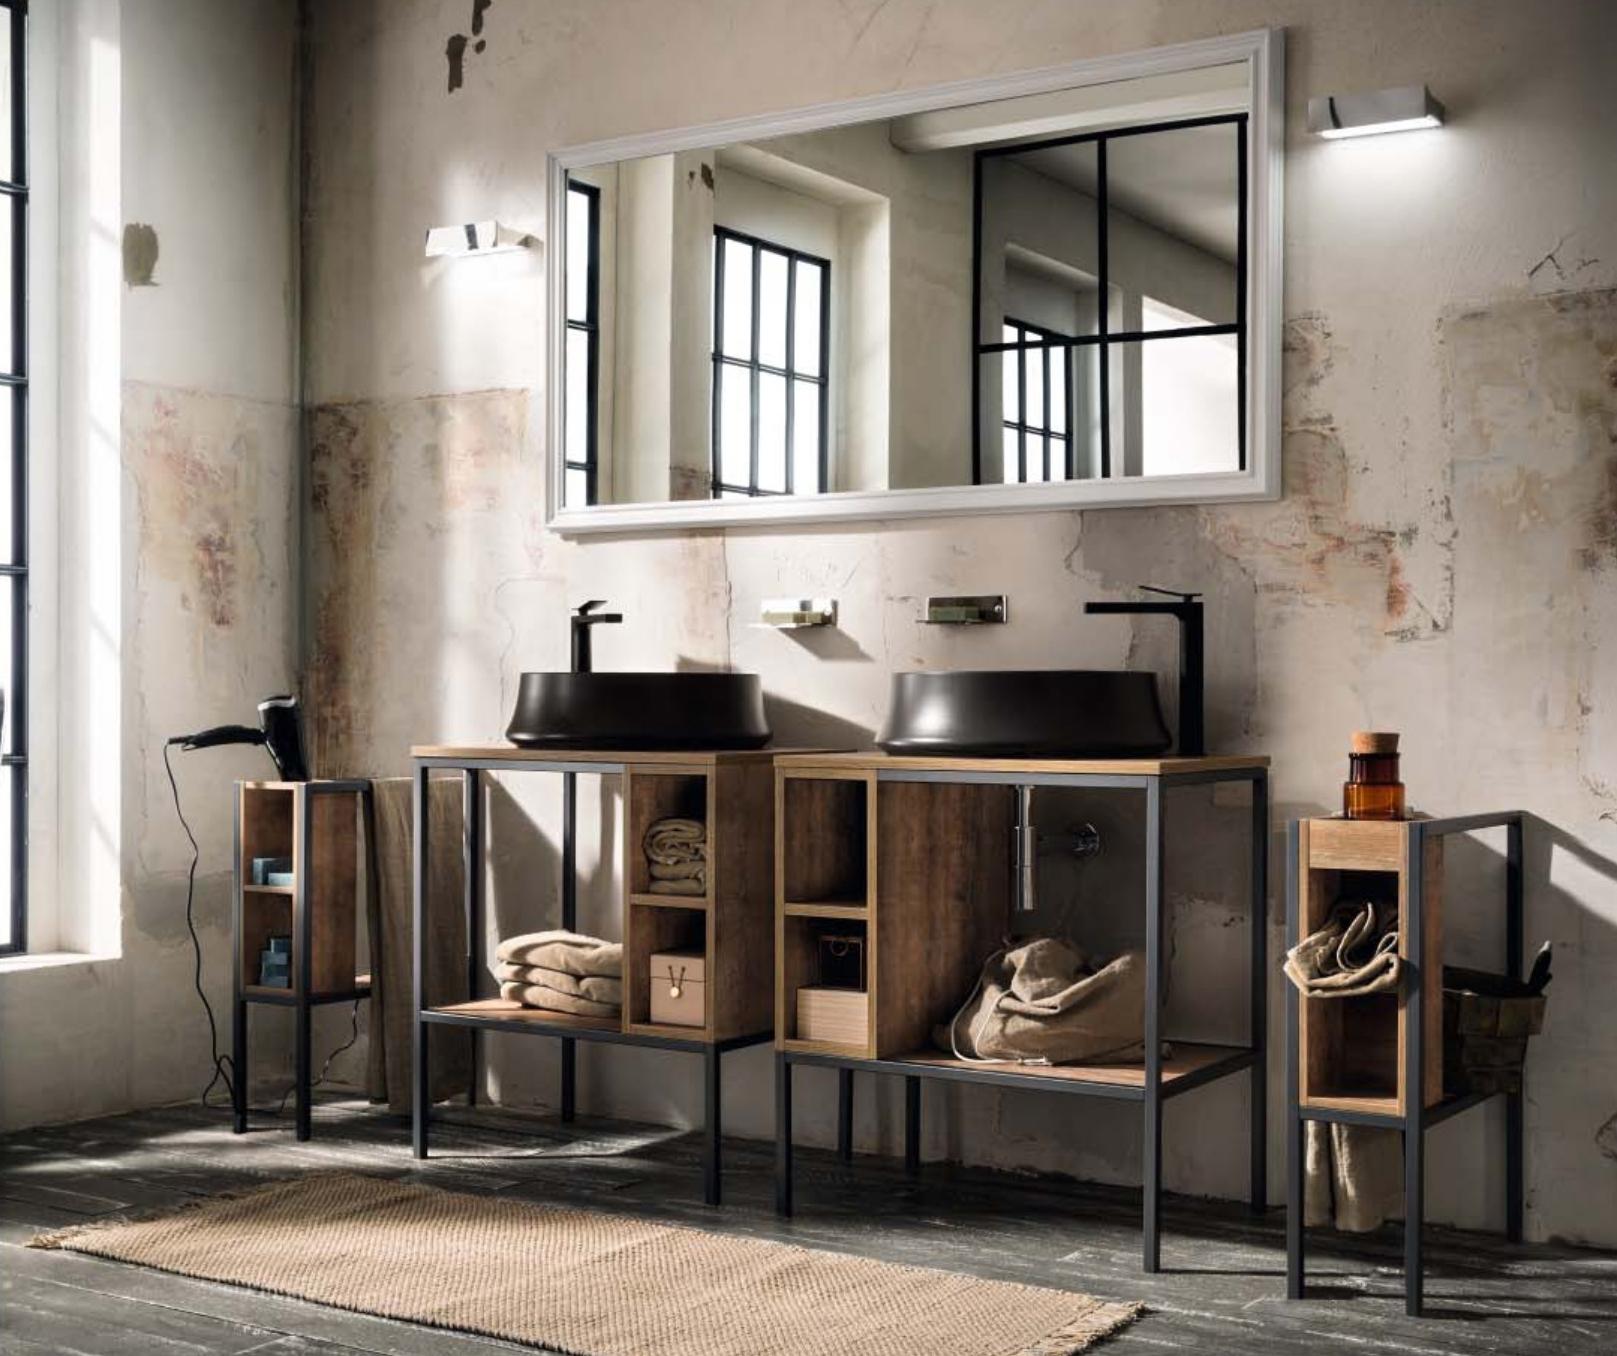 Mobili bagno industrial style arredamenti barin for Corriere arredamento